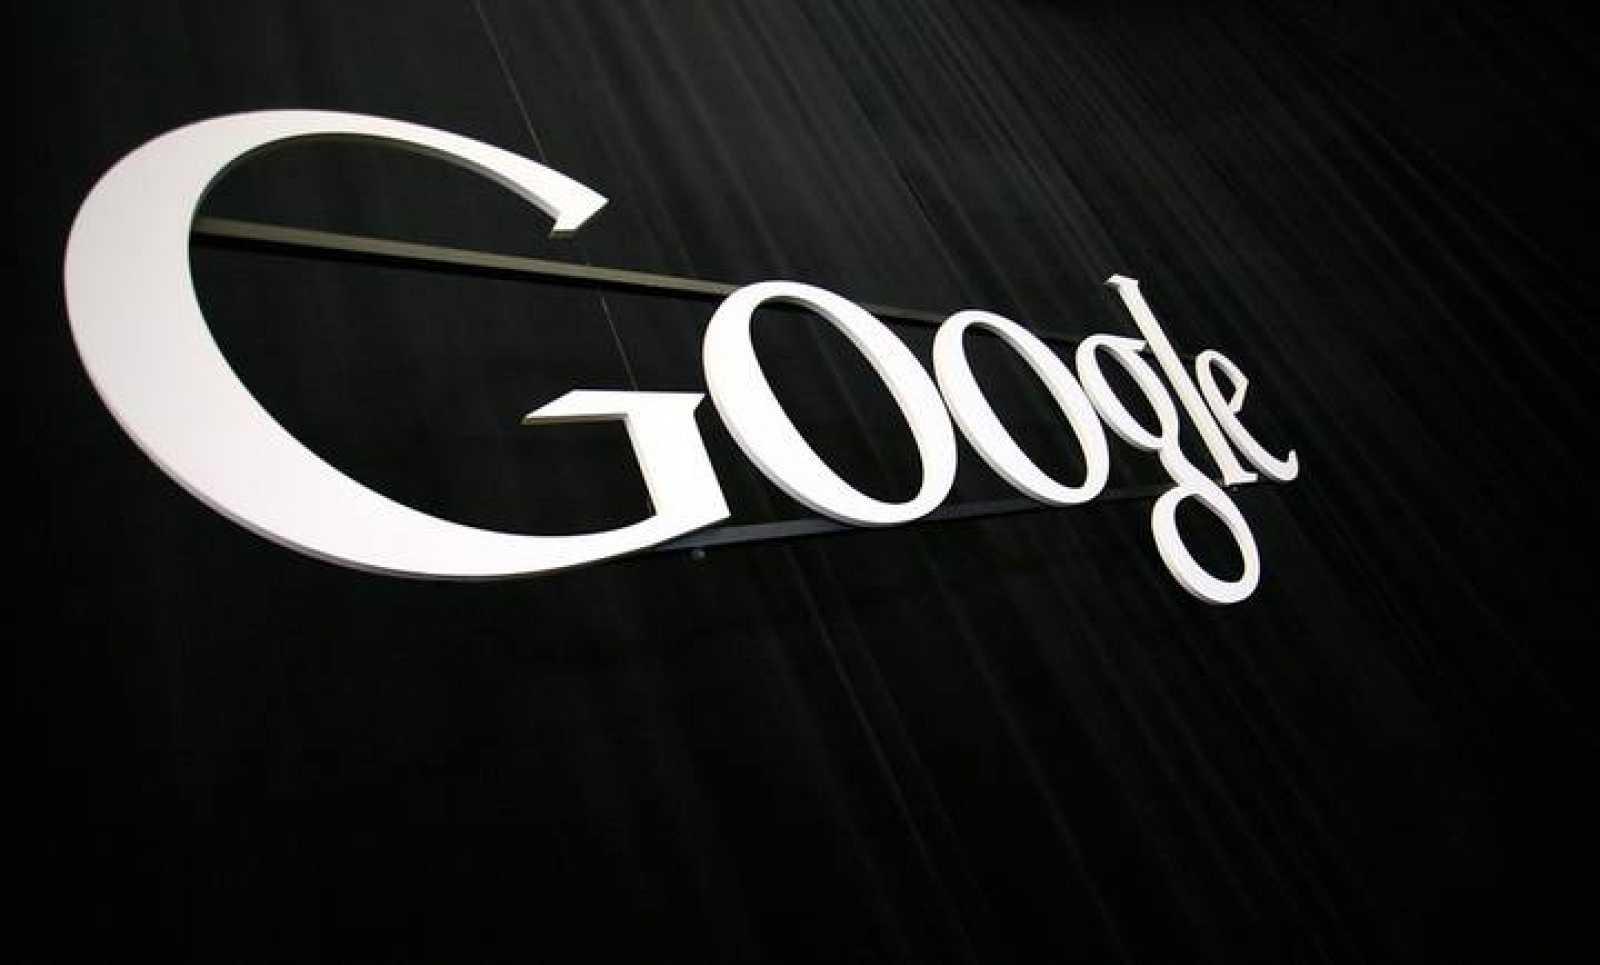 Google consolida su liderazgo en el sector y crece en el mercado de los teléfonos móviles y las redes sociales